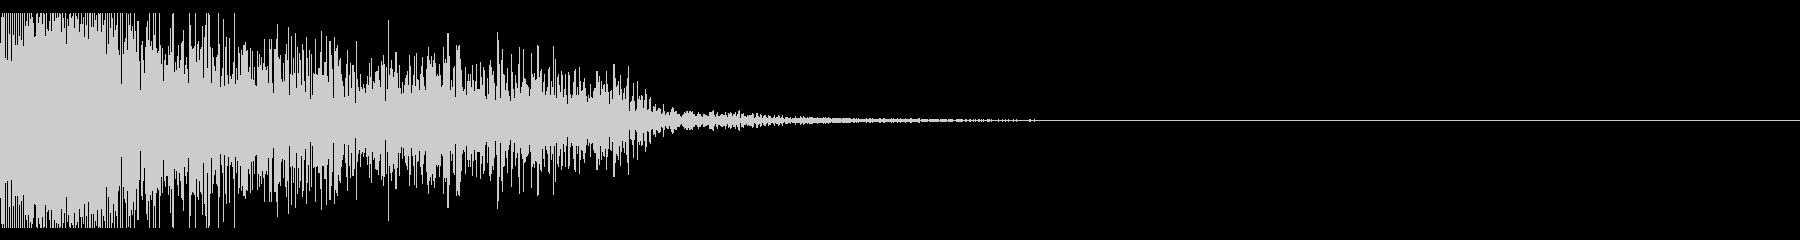 ビックリ音02(ジャン!)の未再生の波形